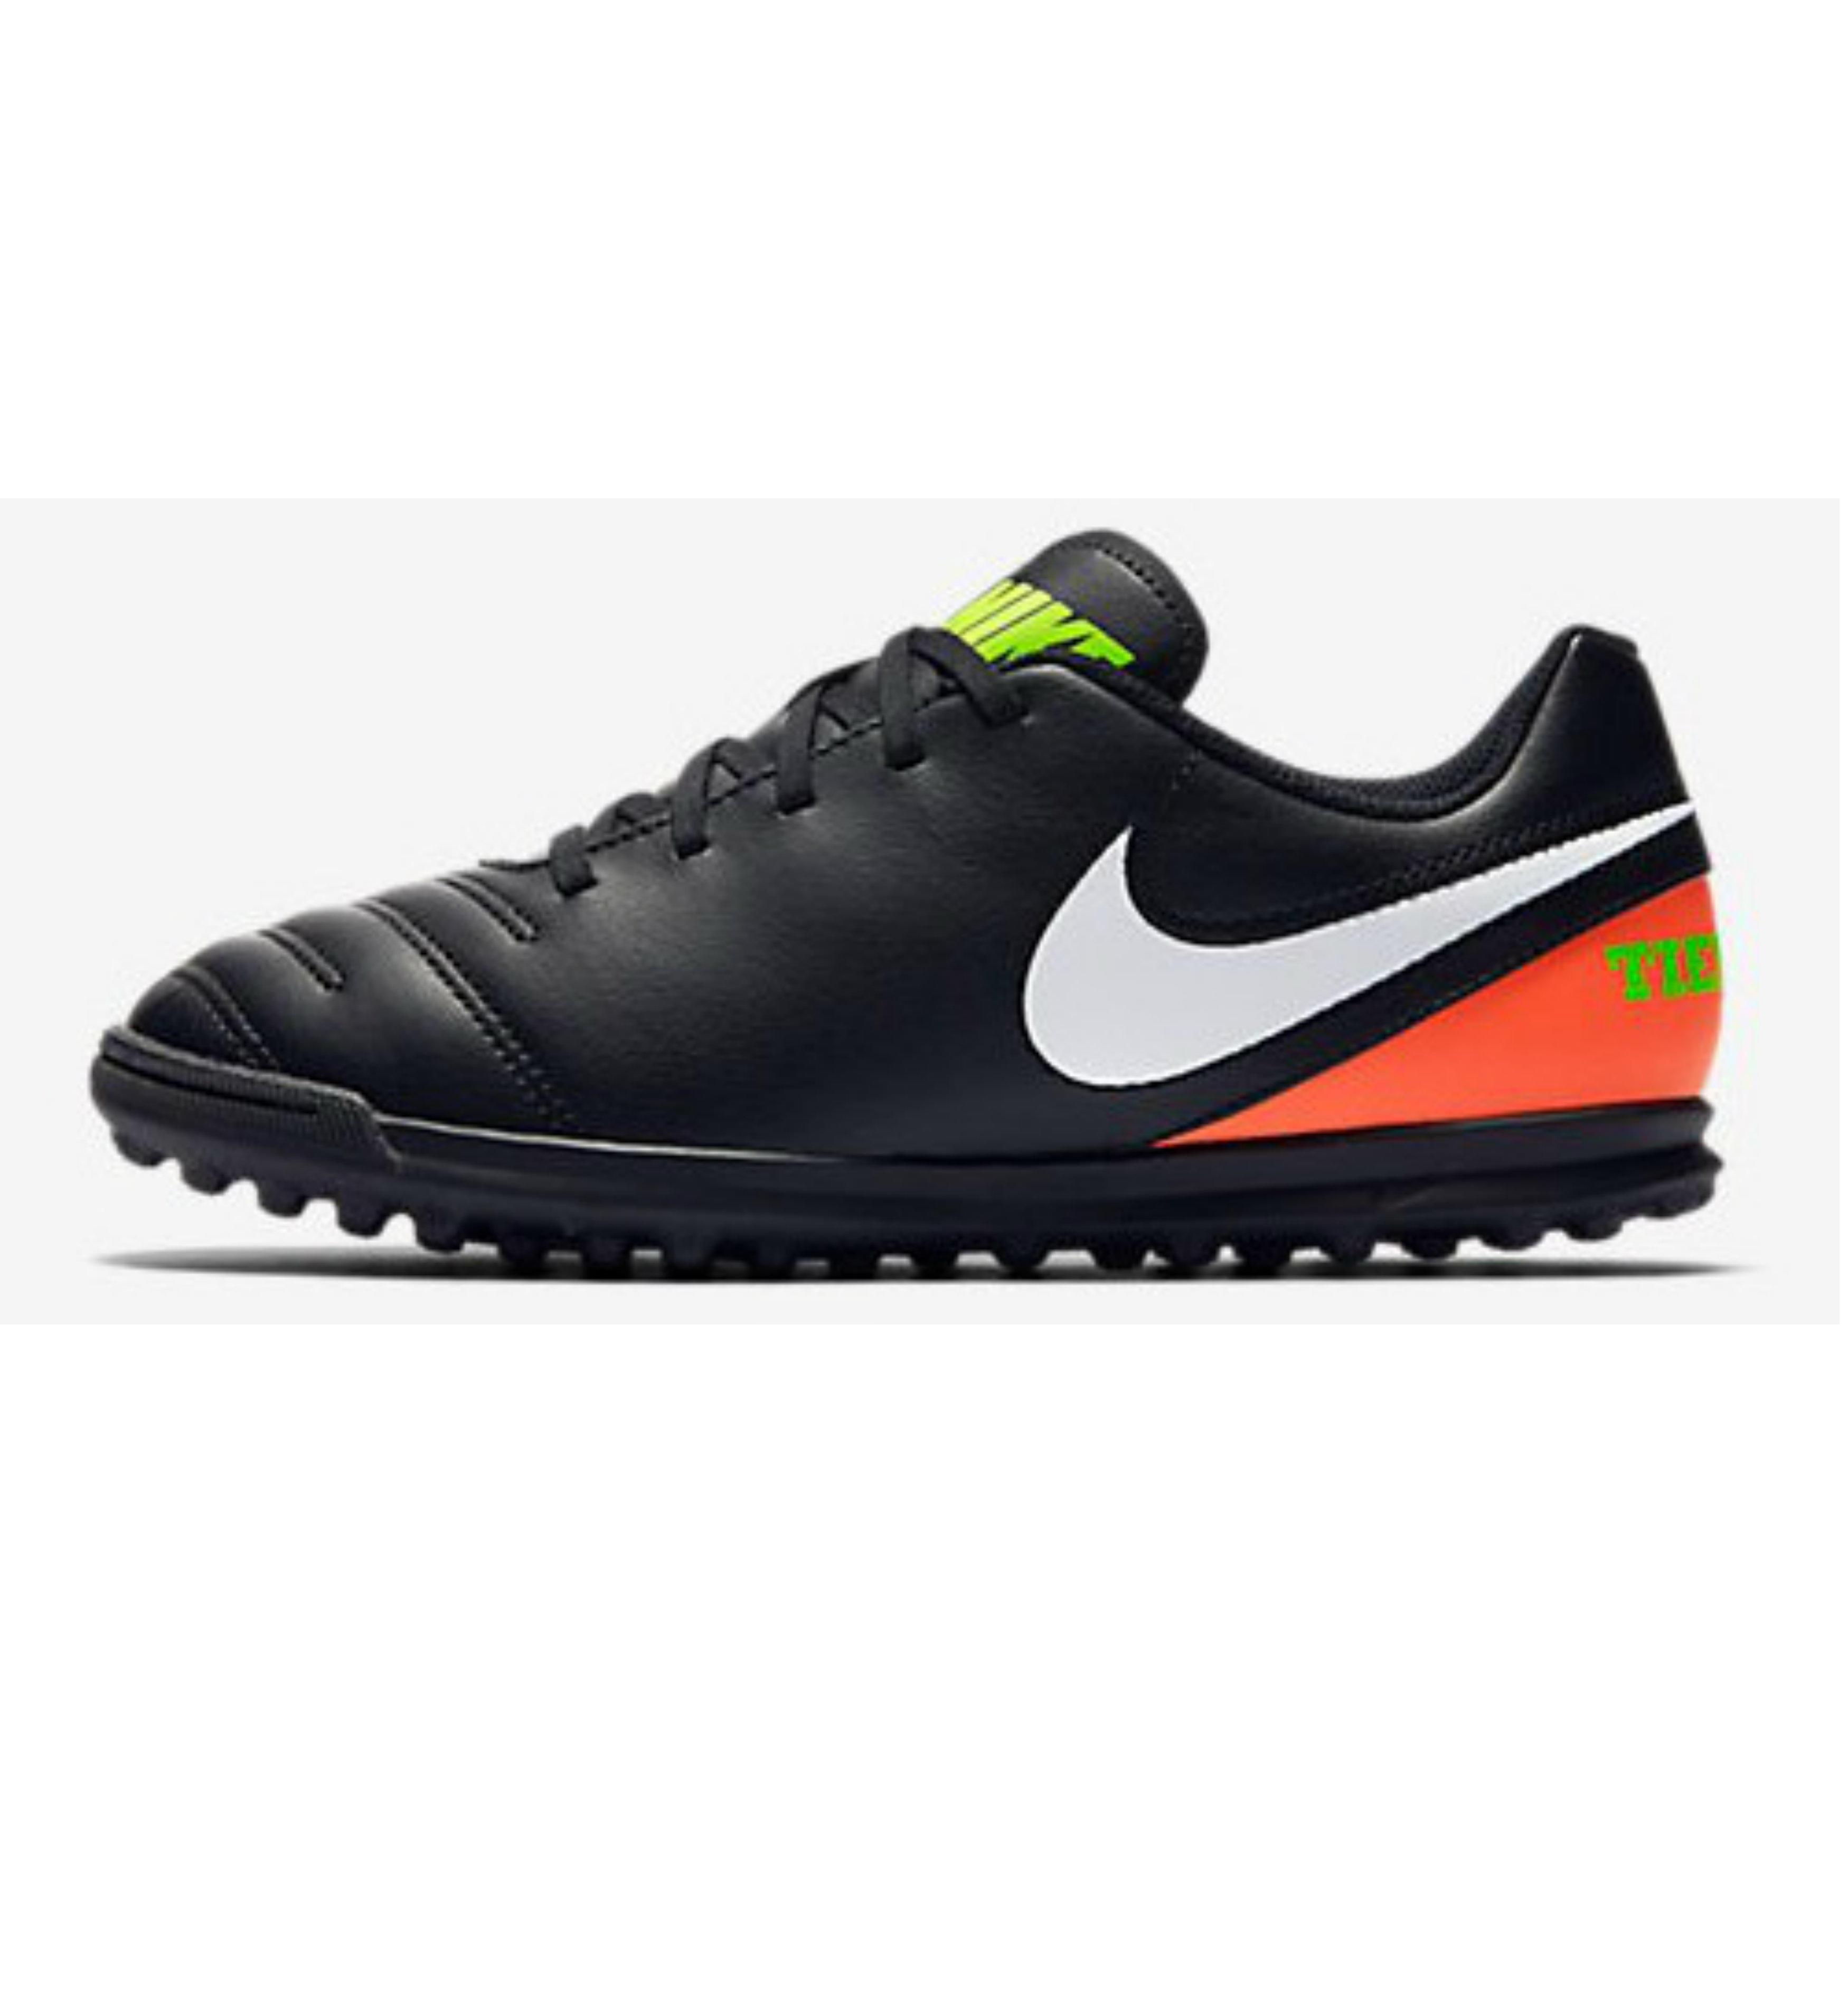 Nike Voetbalschoenen voor kinderen Tiempo Rio TF zwart